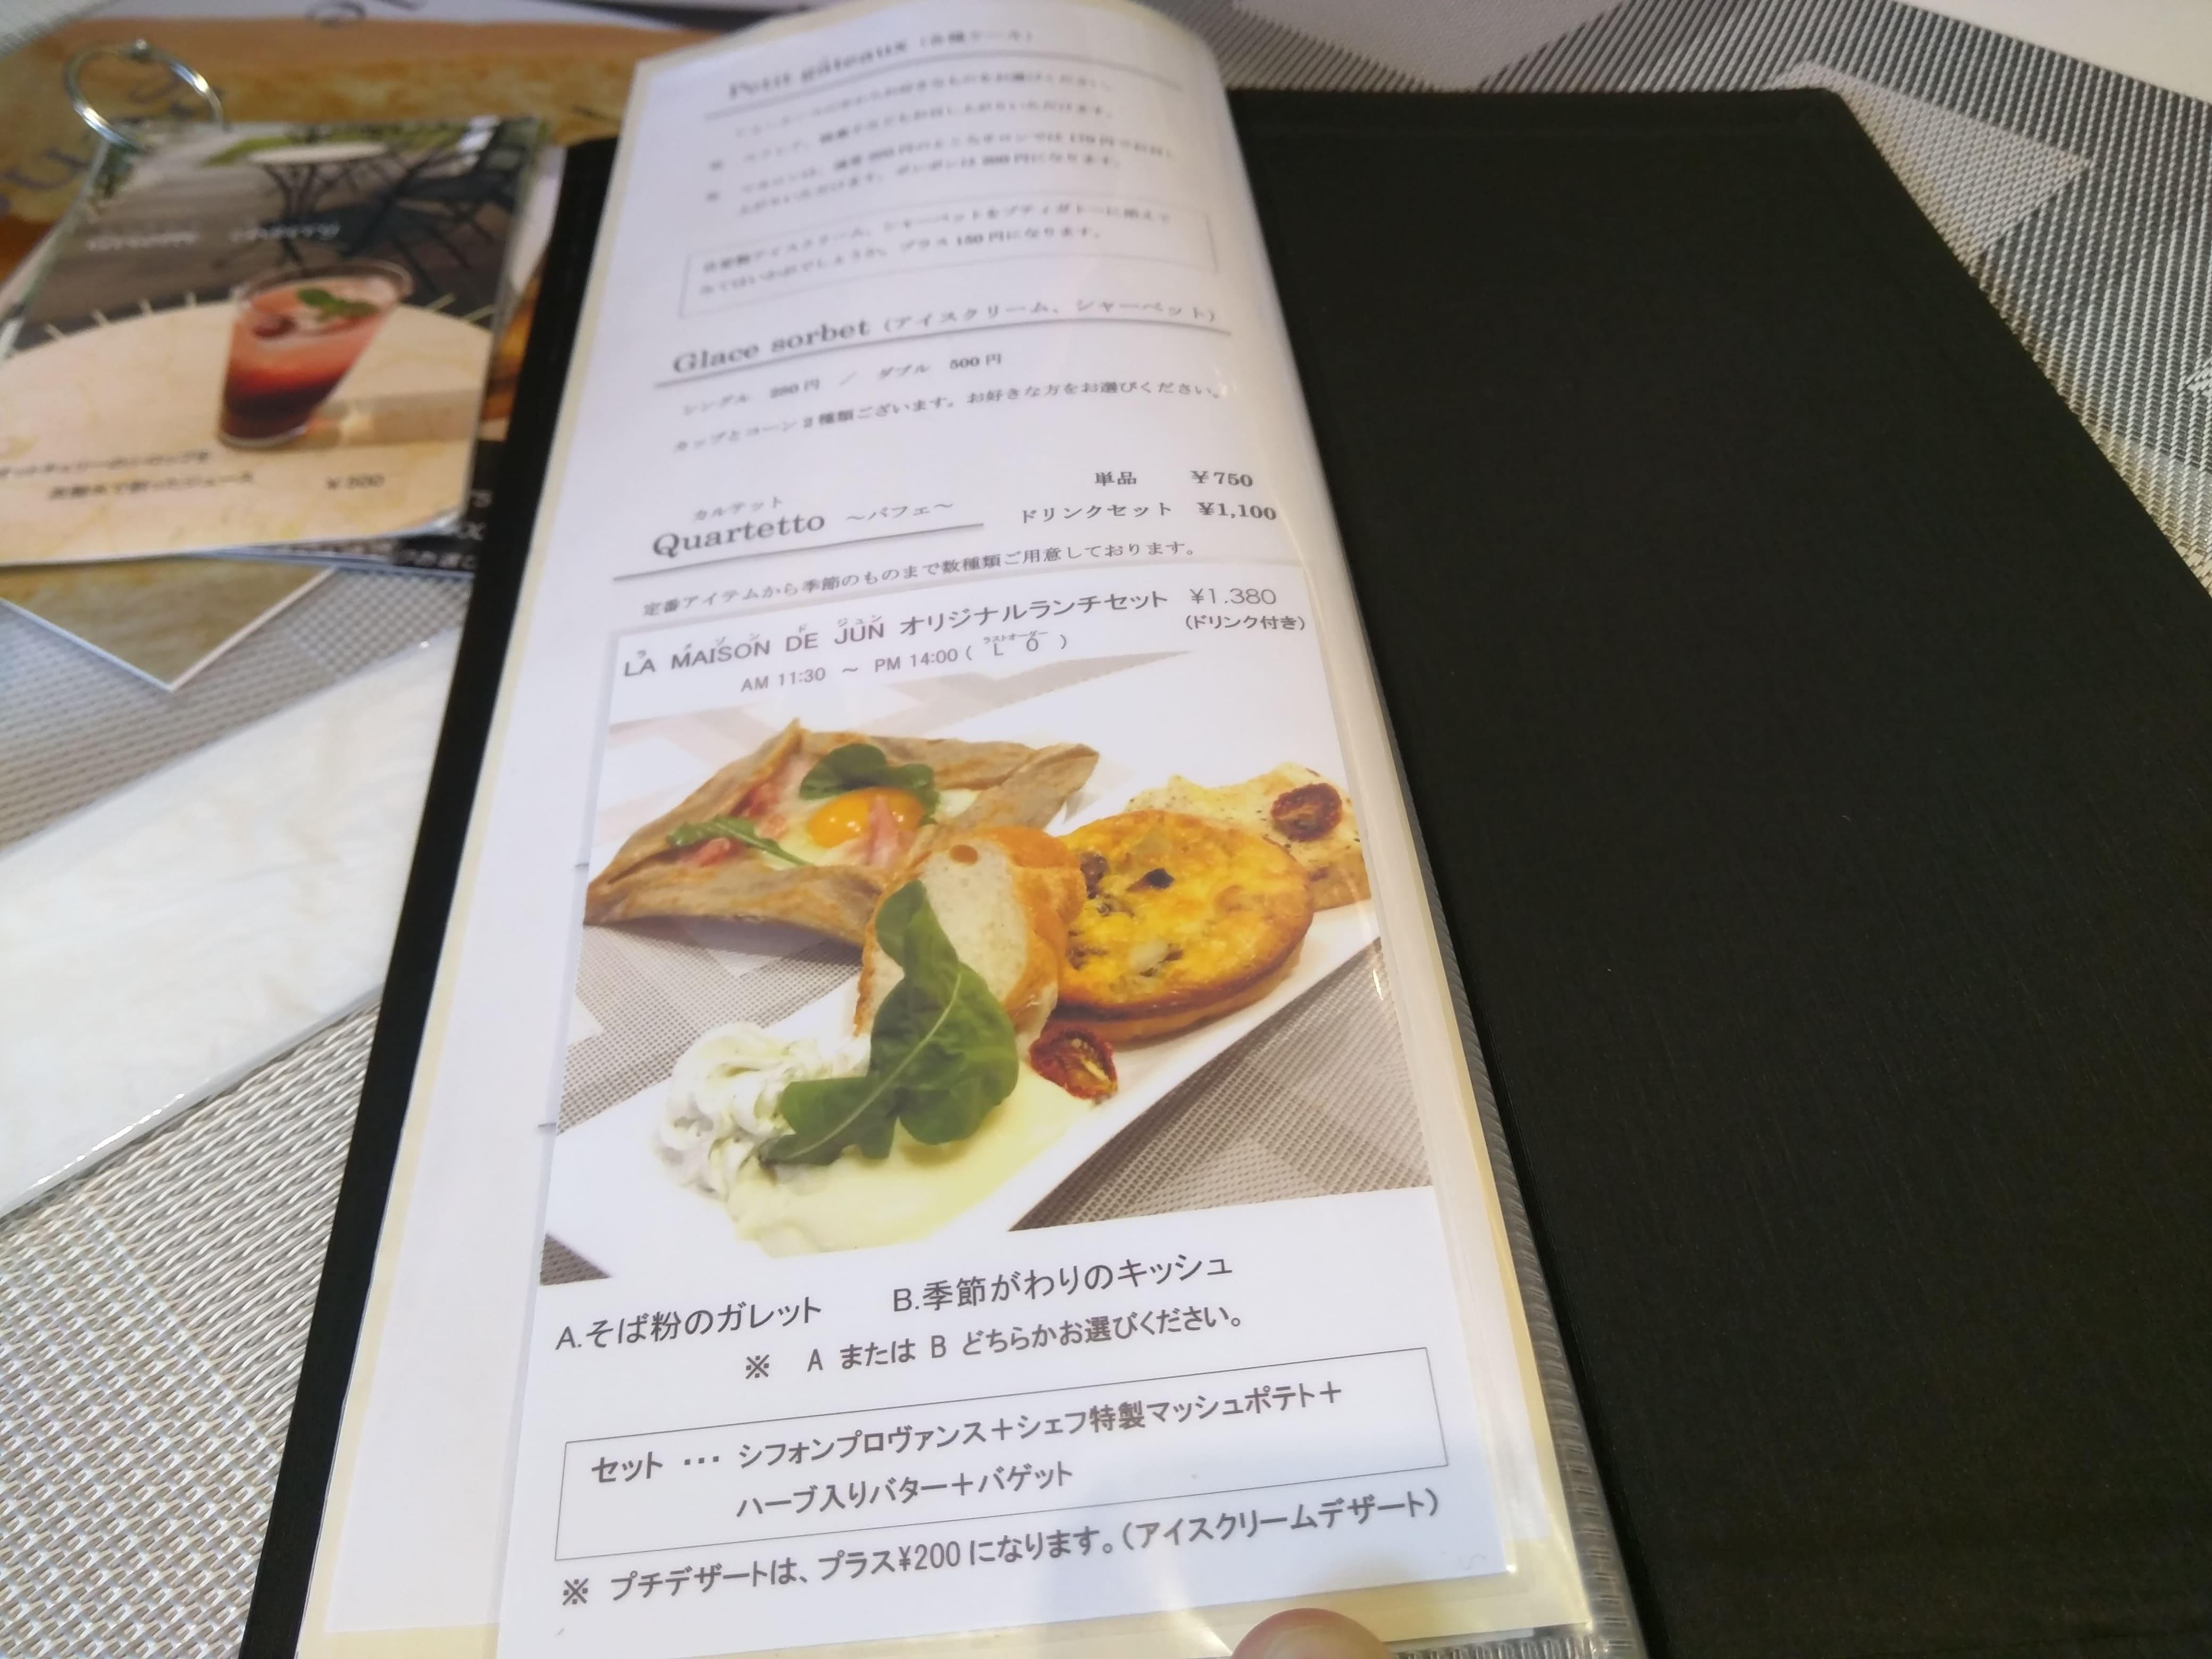 富山では最高ランクのお洒落スイーツ&カフェ ~ 富山市経堂 ラ・メゾン ド ジュン